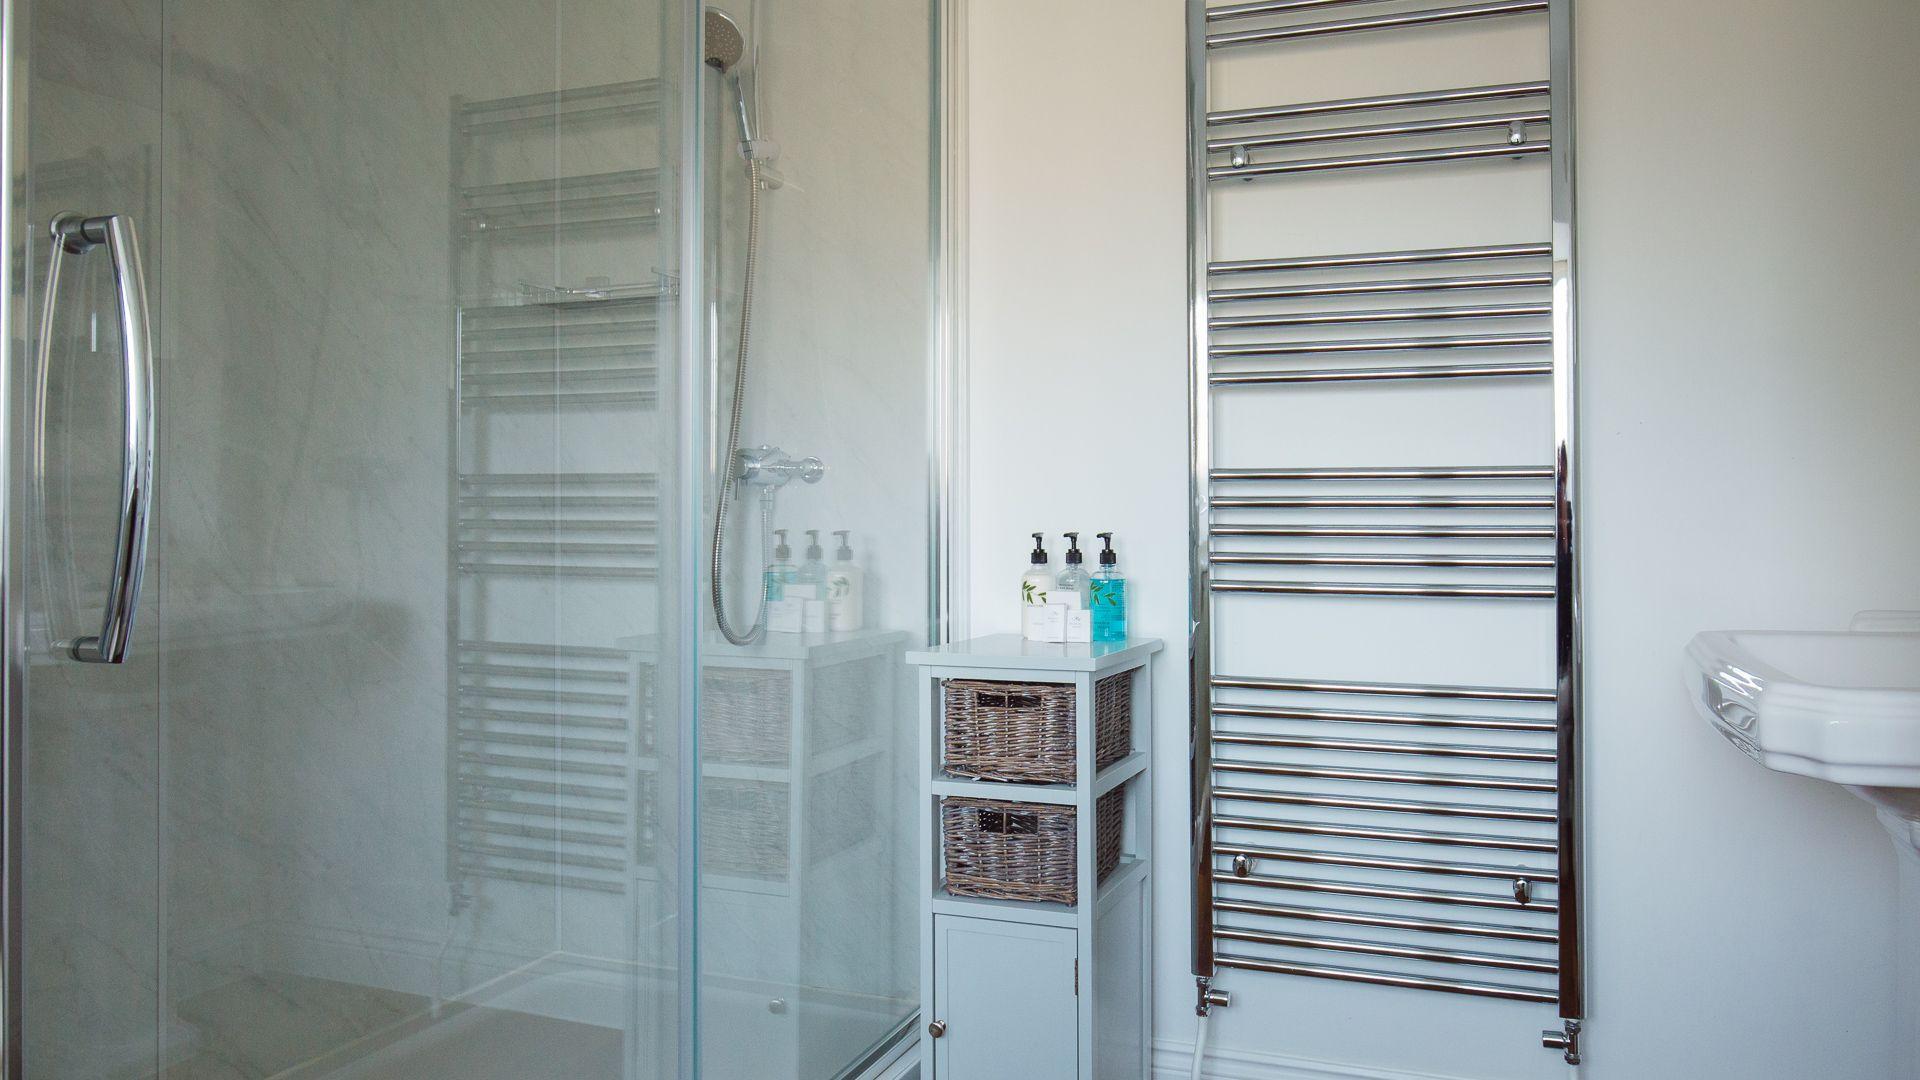 Bedroom Two Ensuite Shower Room,  Emma Dent Cottage at Sudeley Castle, Bolthole Retreats